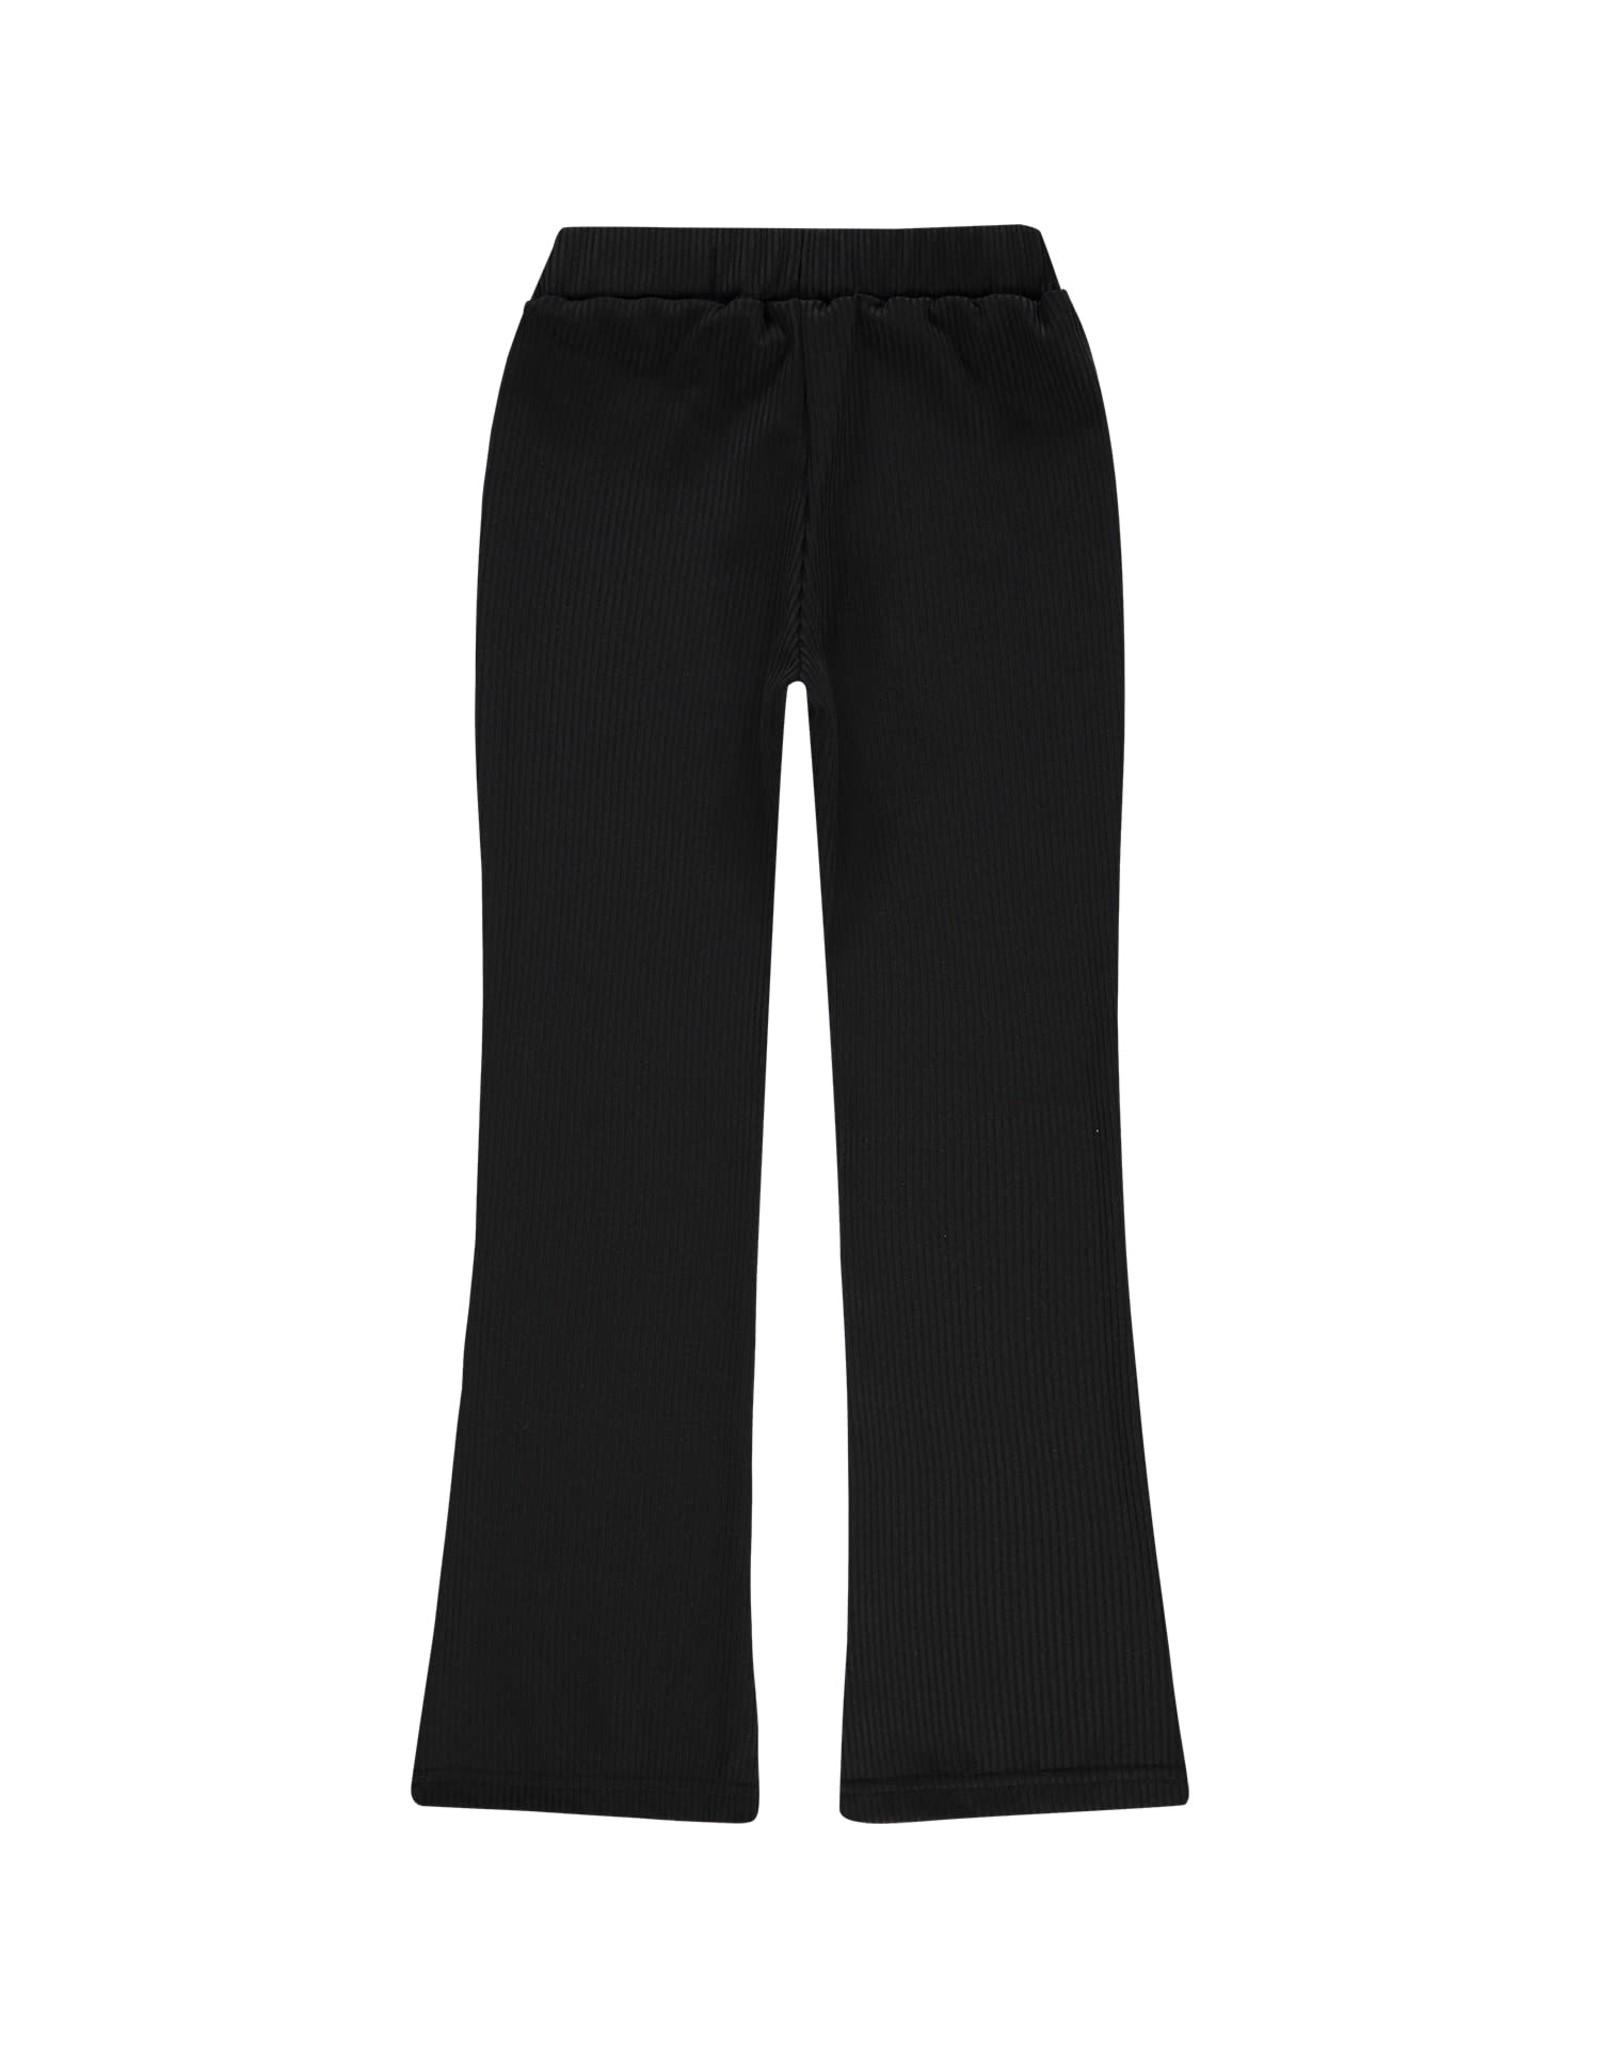 Raizzed Raizzed meiden flairpants Porto Deep Black